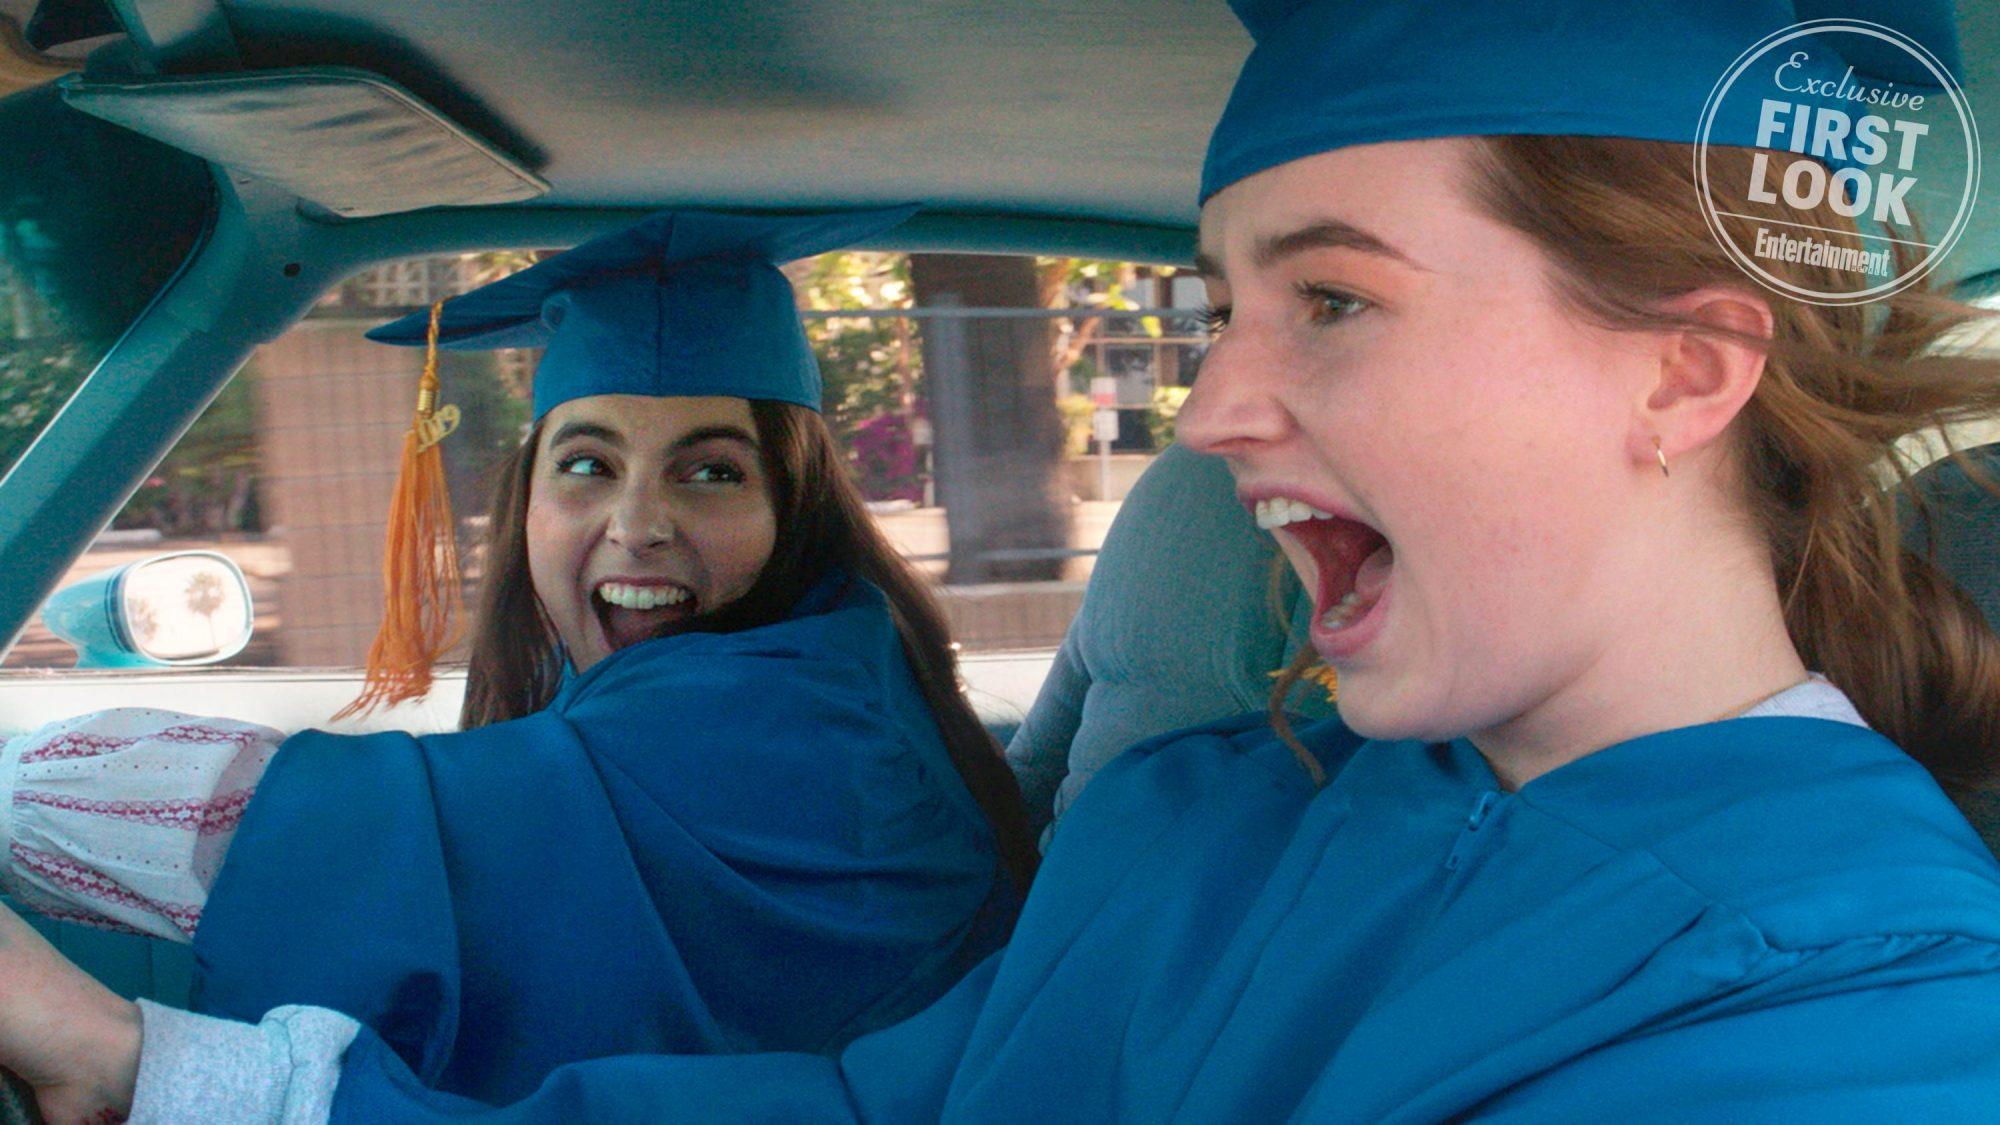 BOOKSMARTBeanie Feldstein stars as Molly and Kaitlyn Dever as Amy